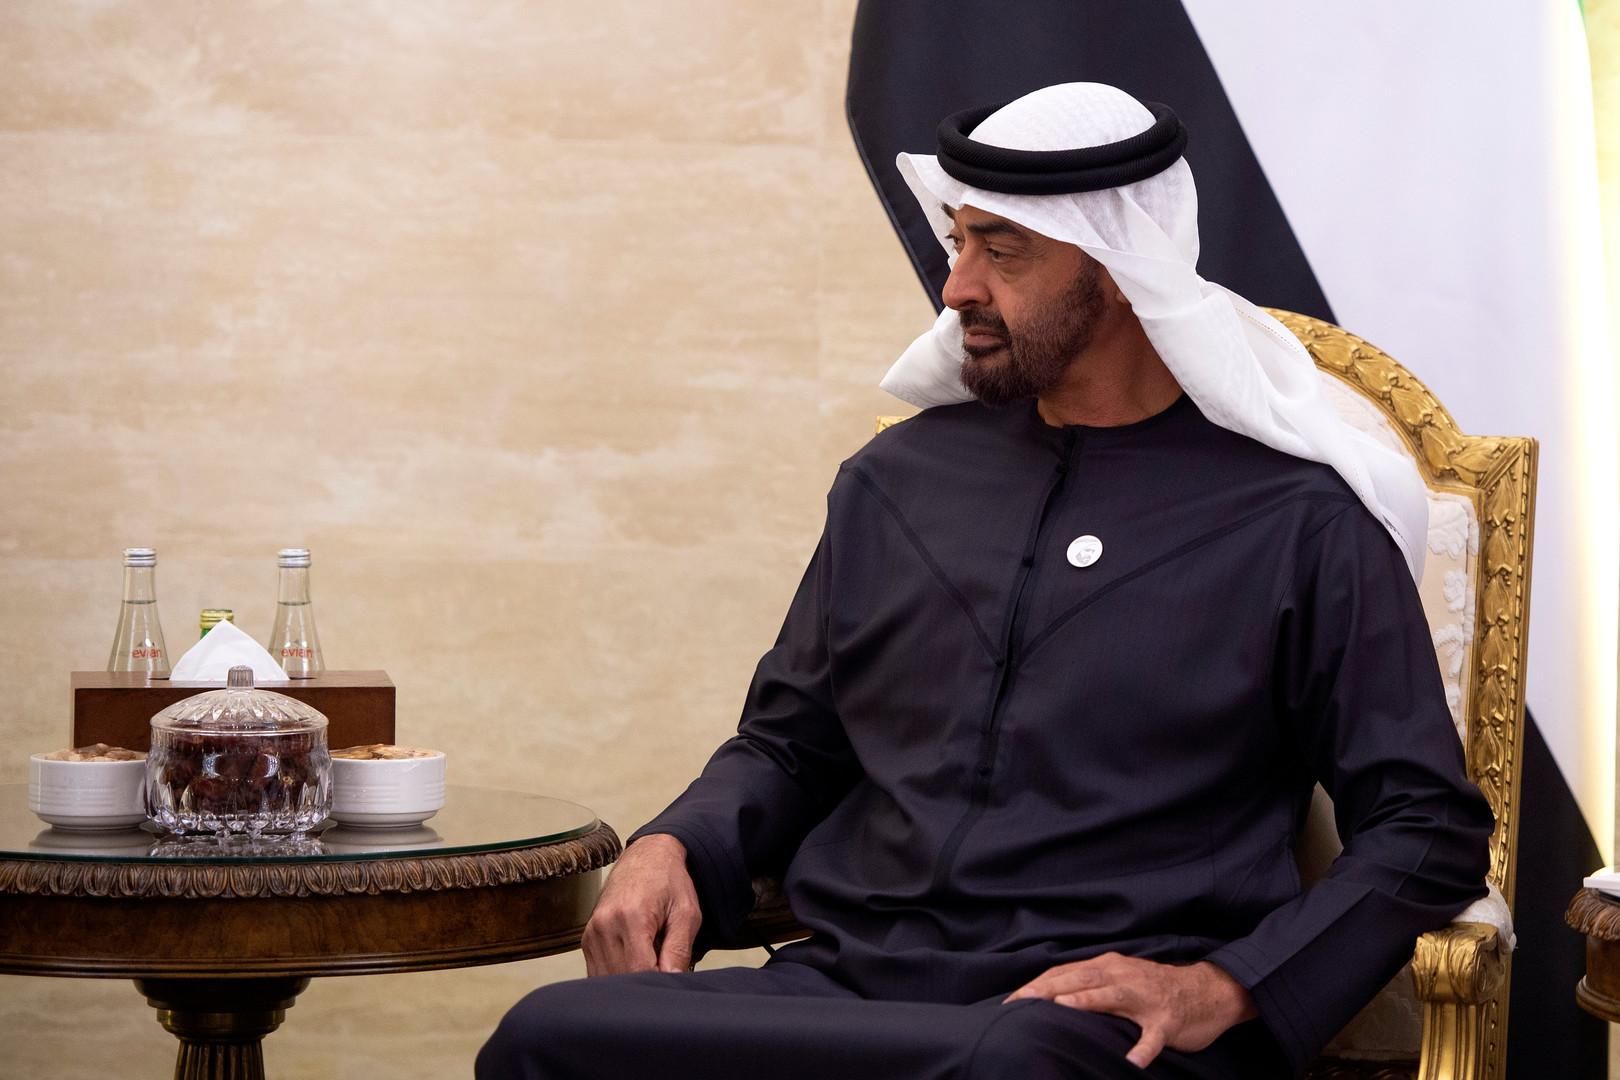 اسم ولي عهد أبو ظبي يرد في تقرير مولر